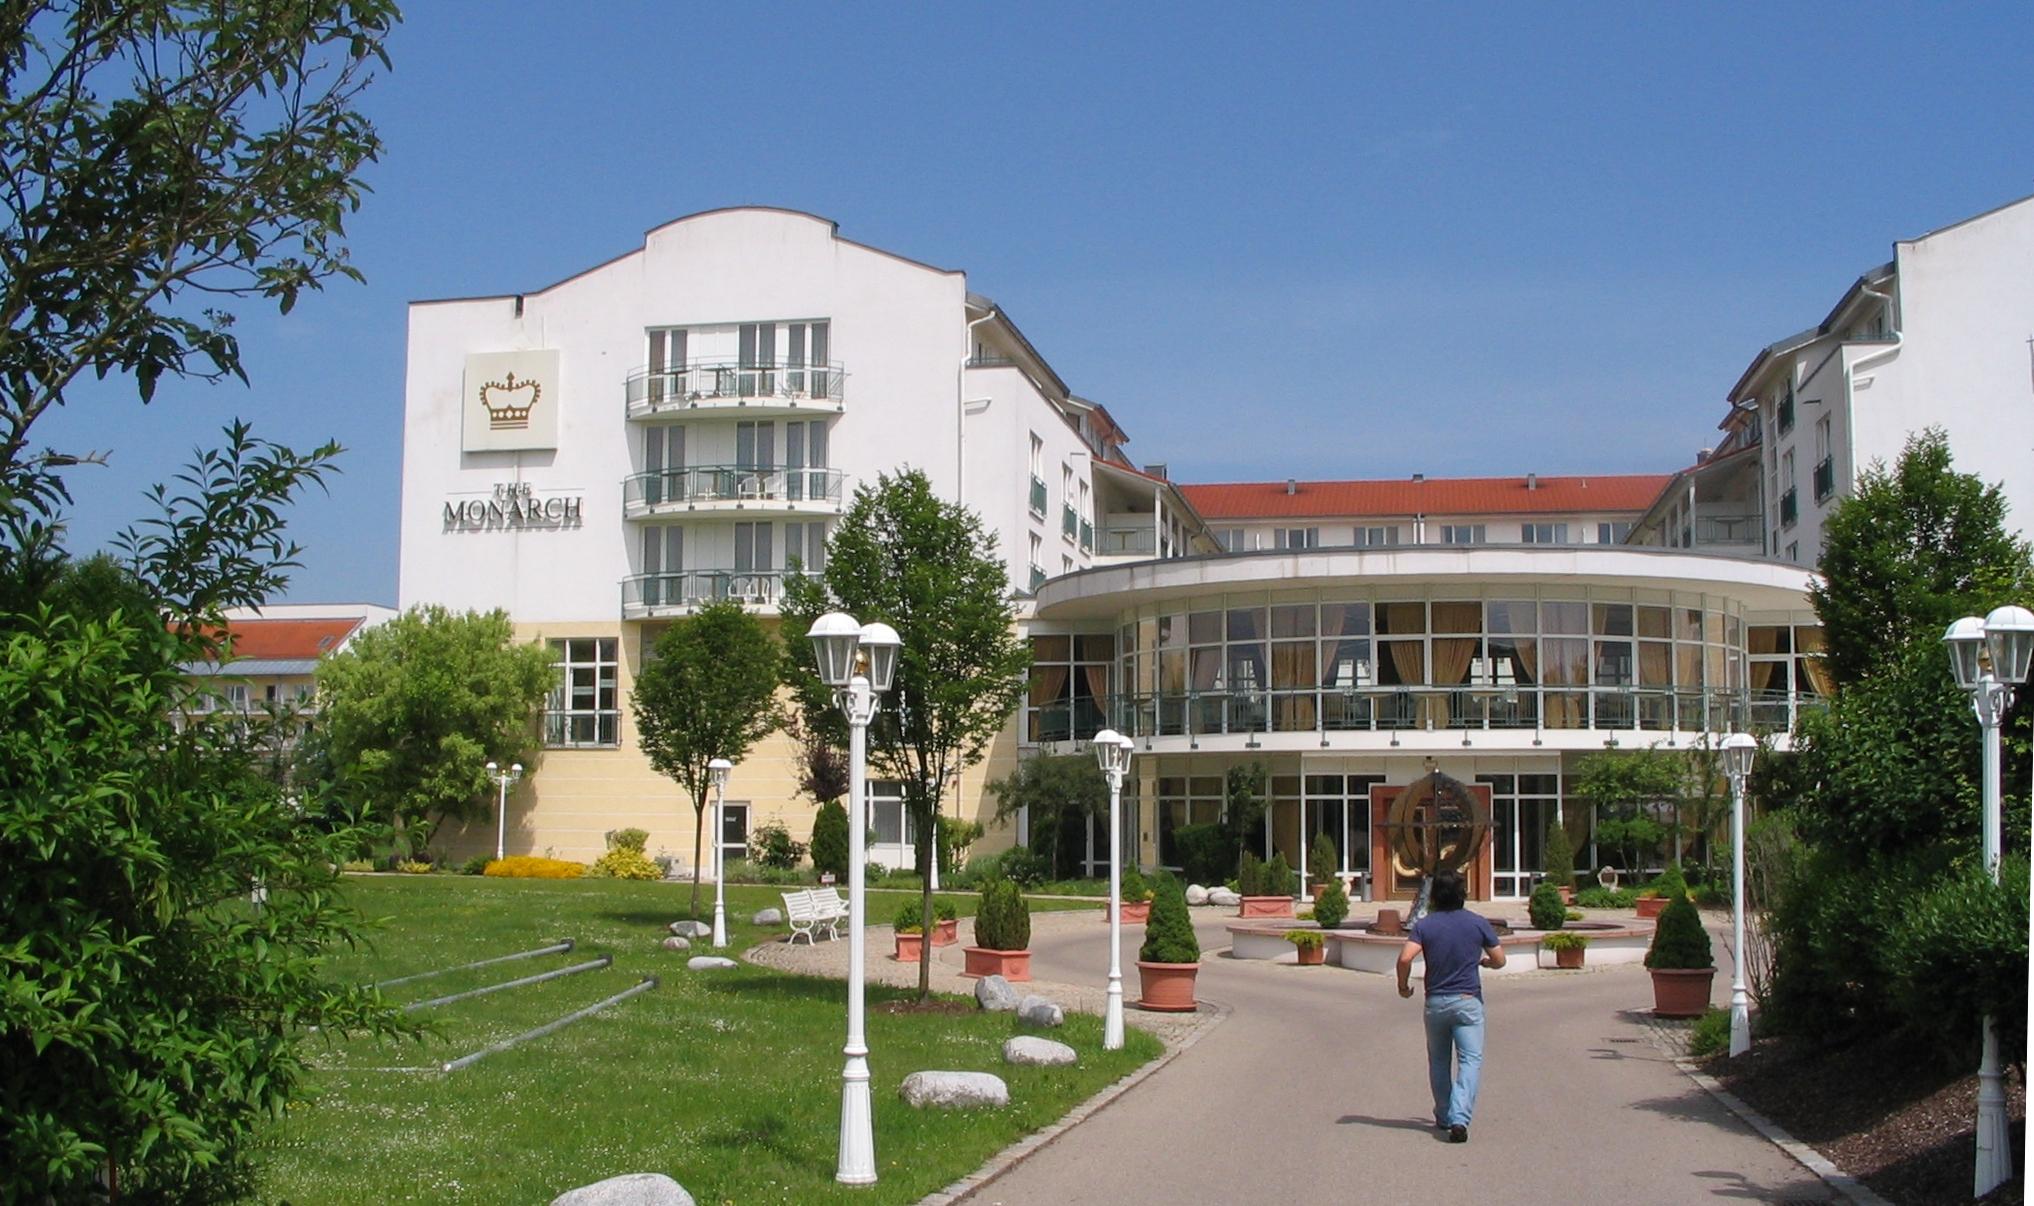 Sterne Hotel In L Ef Bf Bdbbenau